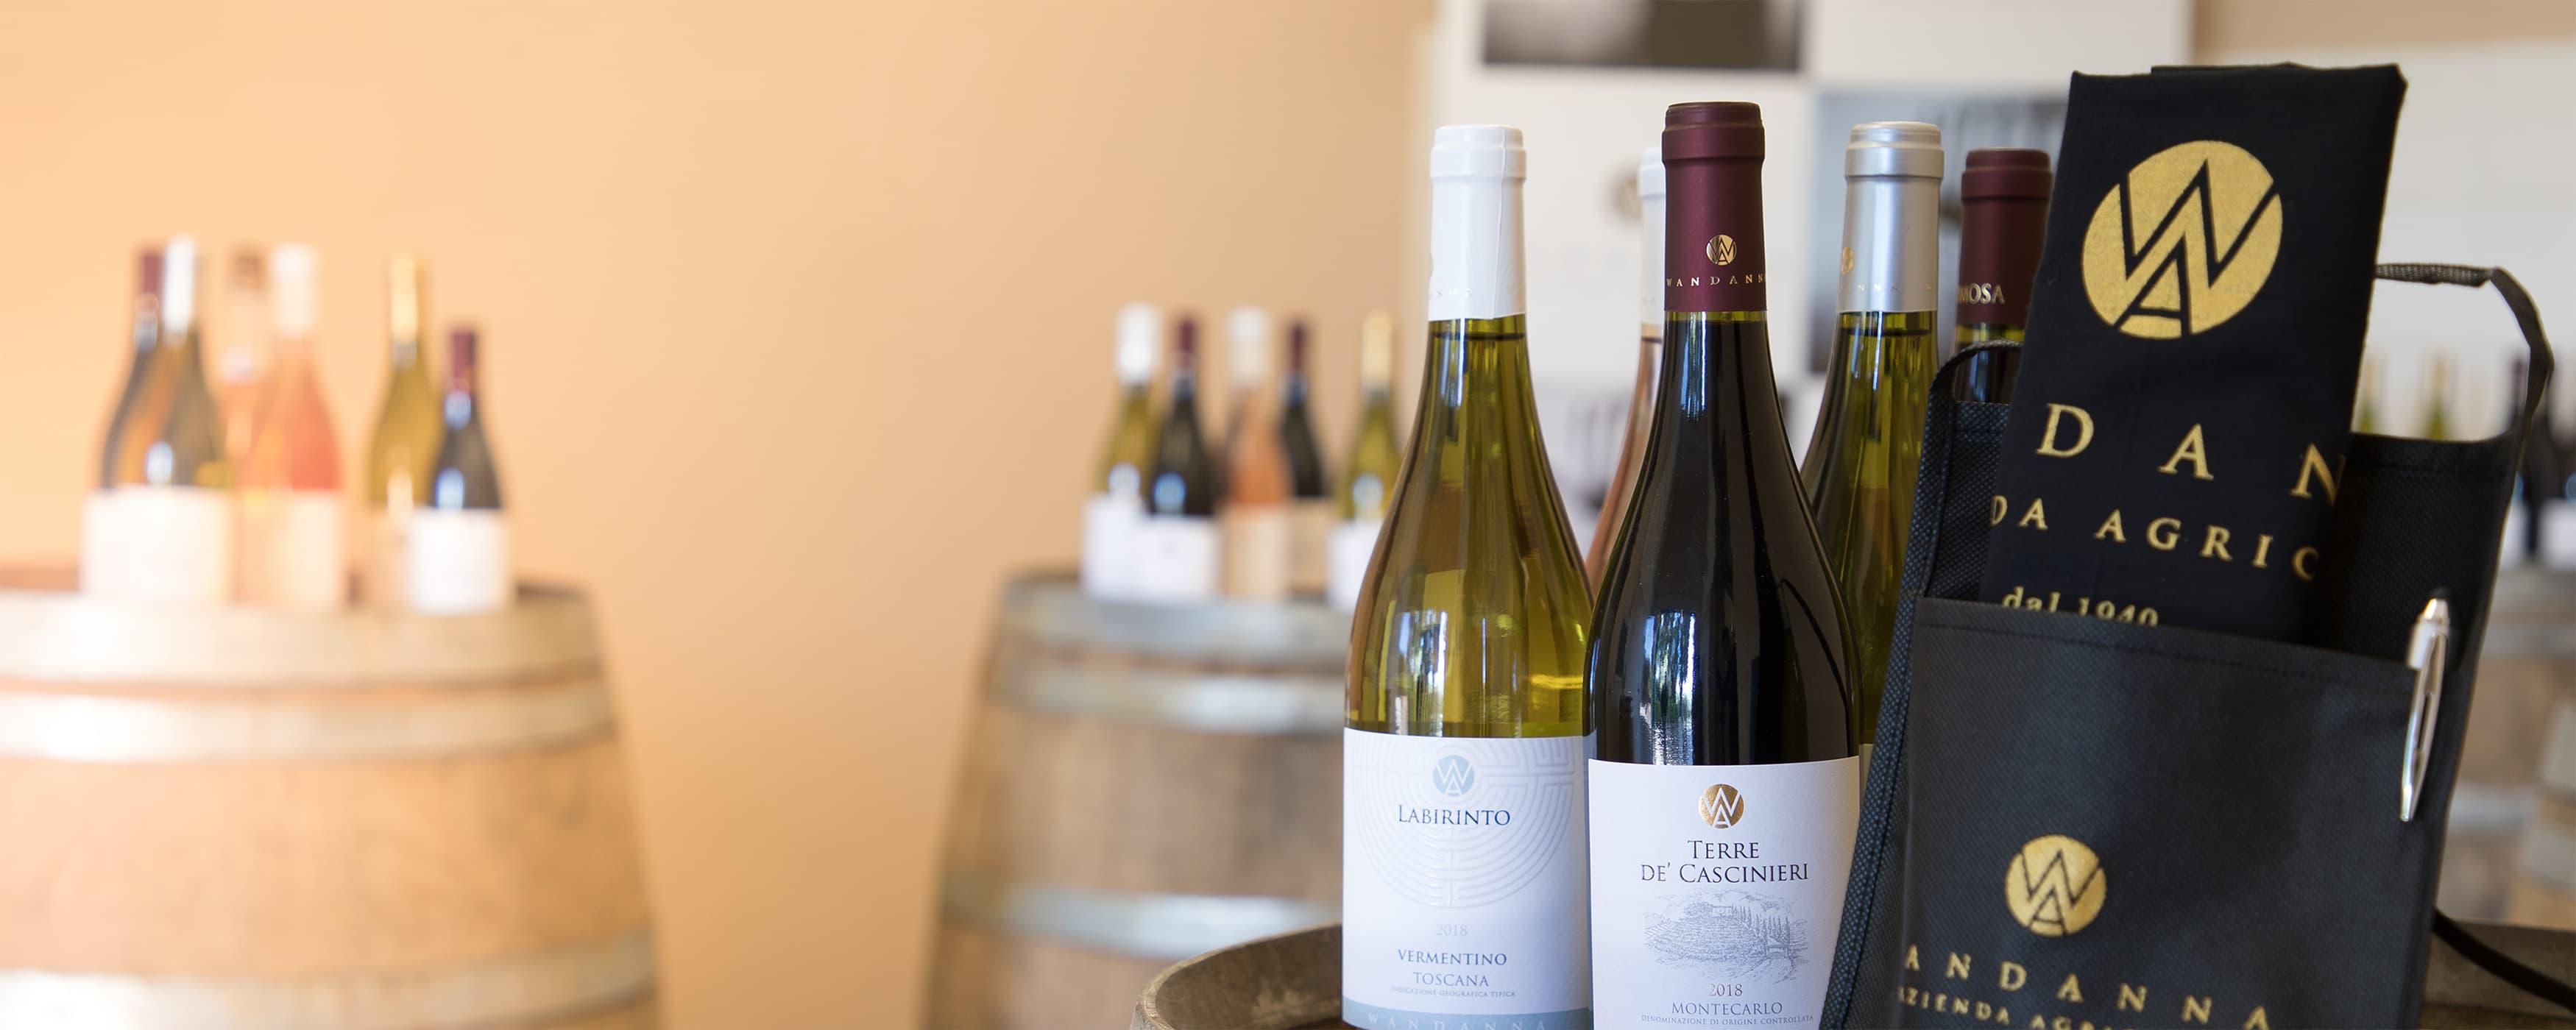 Winetasting and events at Wandanna